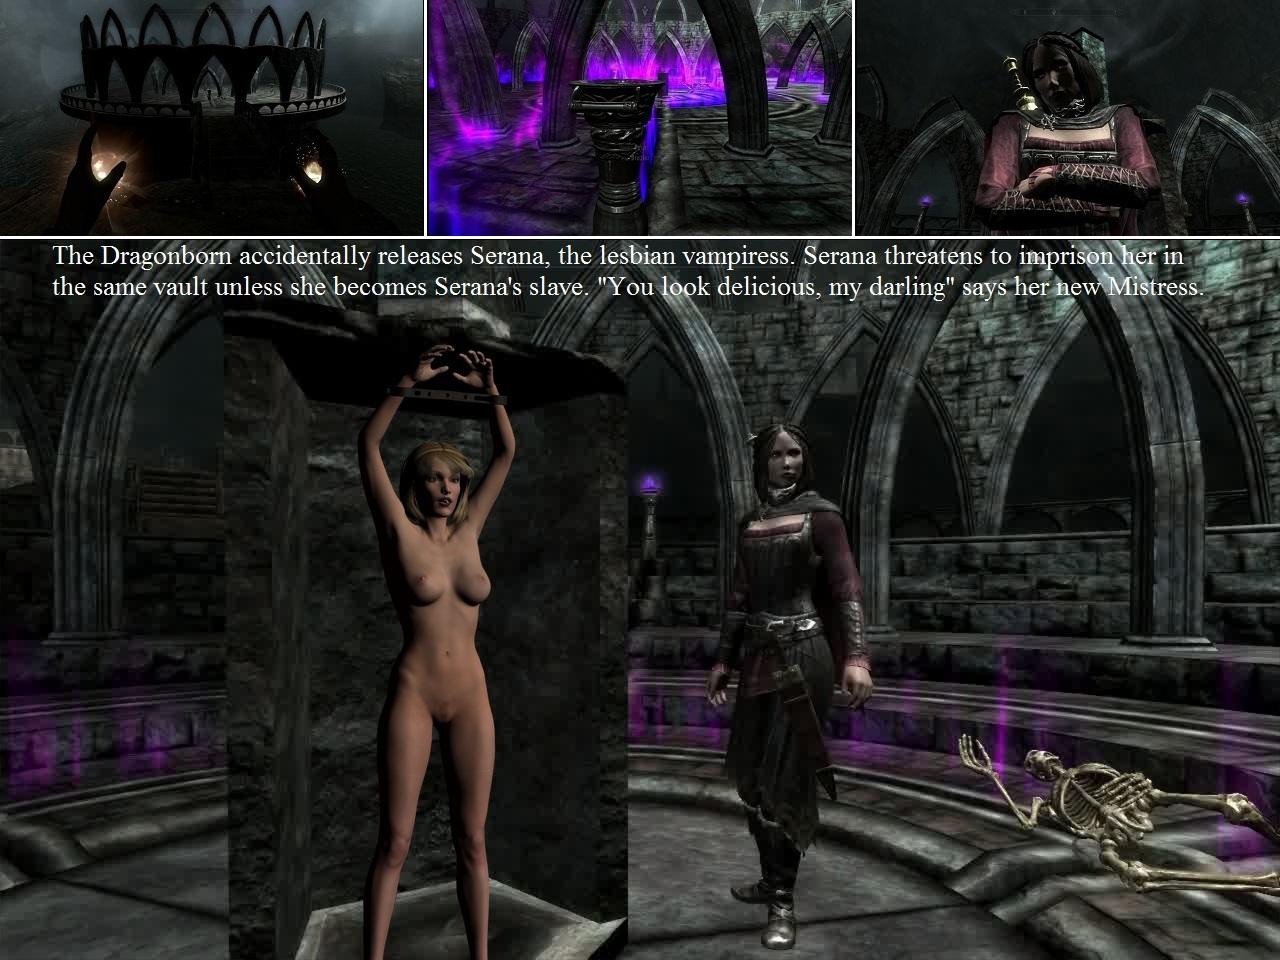 Gloria borger nude